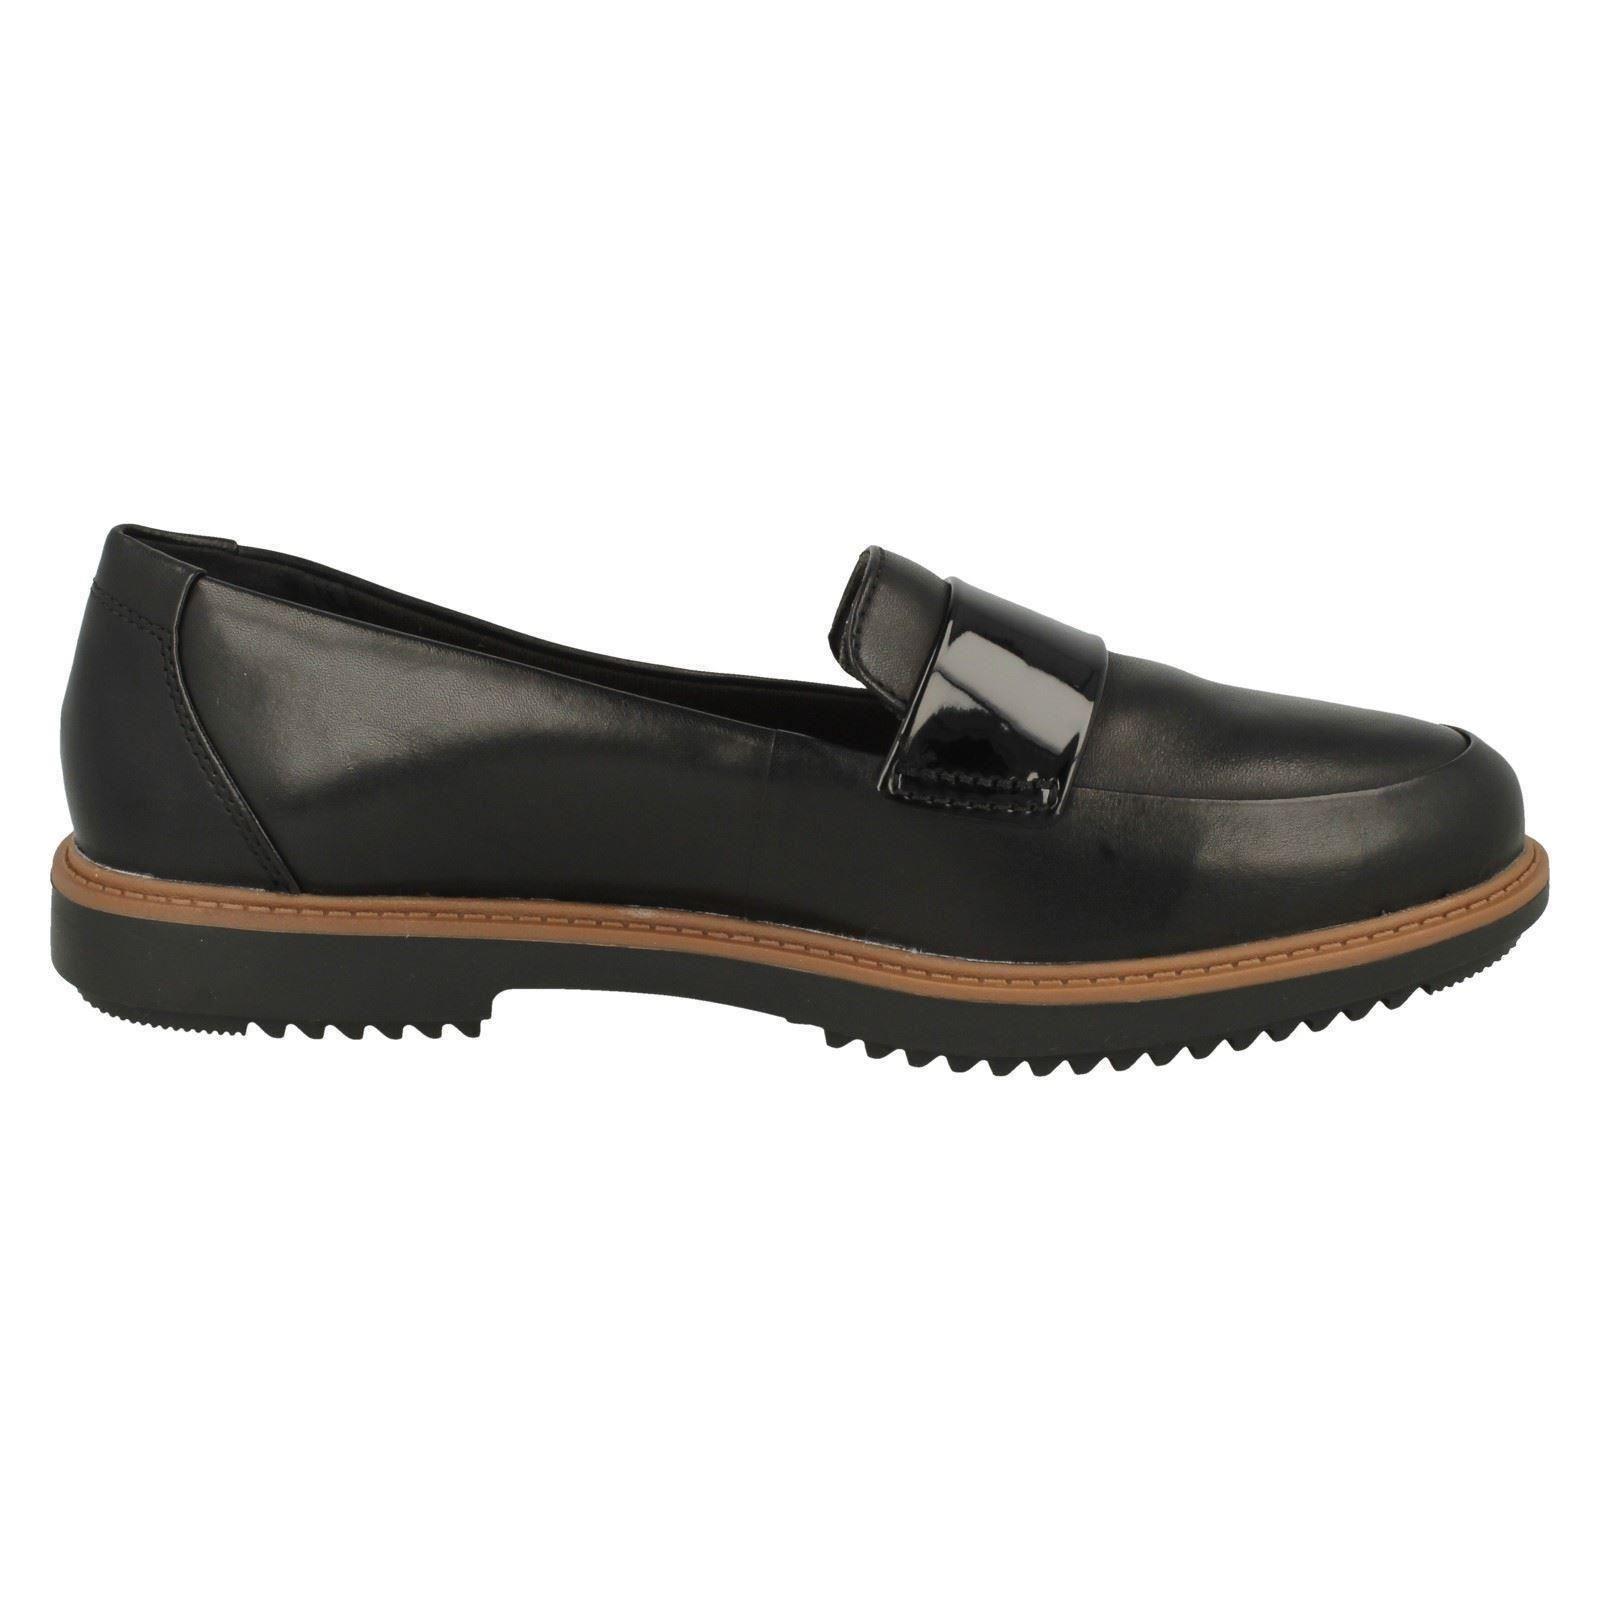 Damas-Clarks-Mocasin-Estilo-Plano-Sin-Cordones-De-Cuero-Zapatos-Raisie-Drink